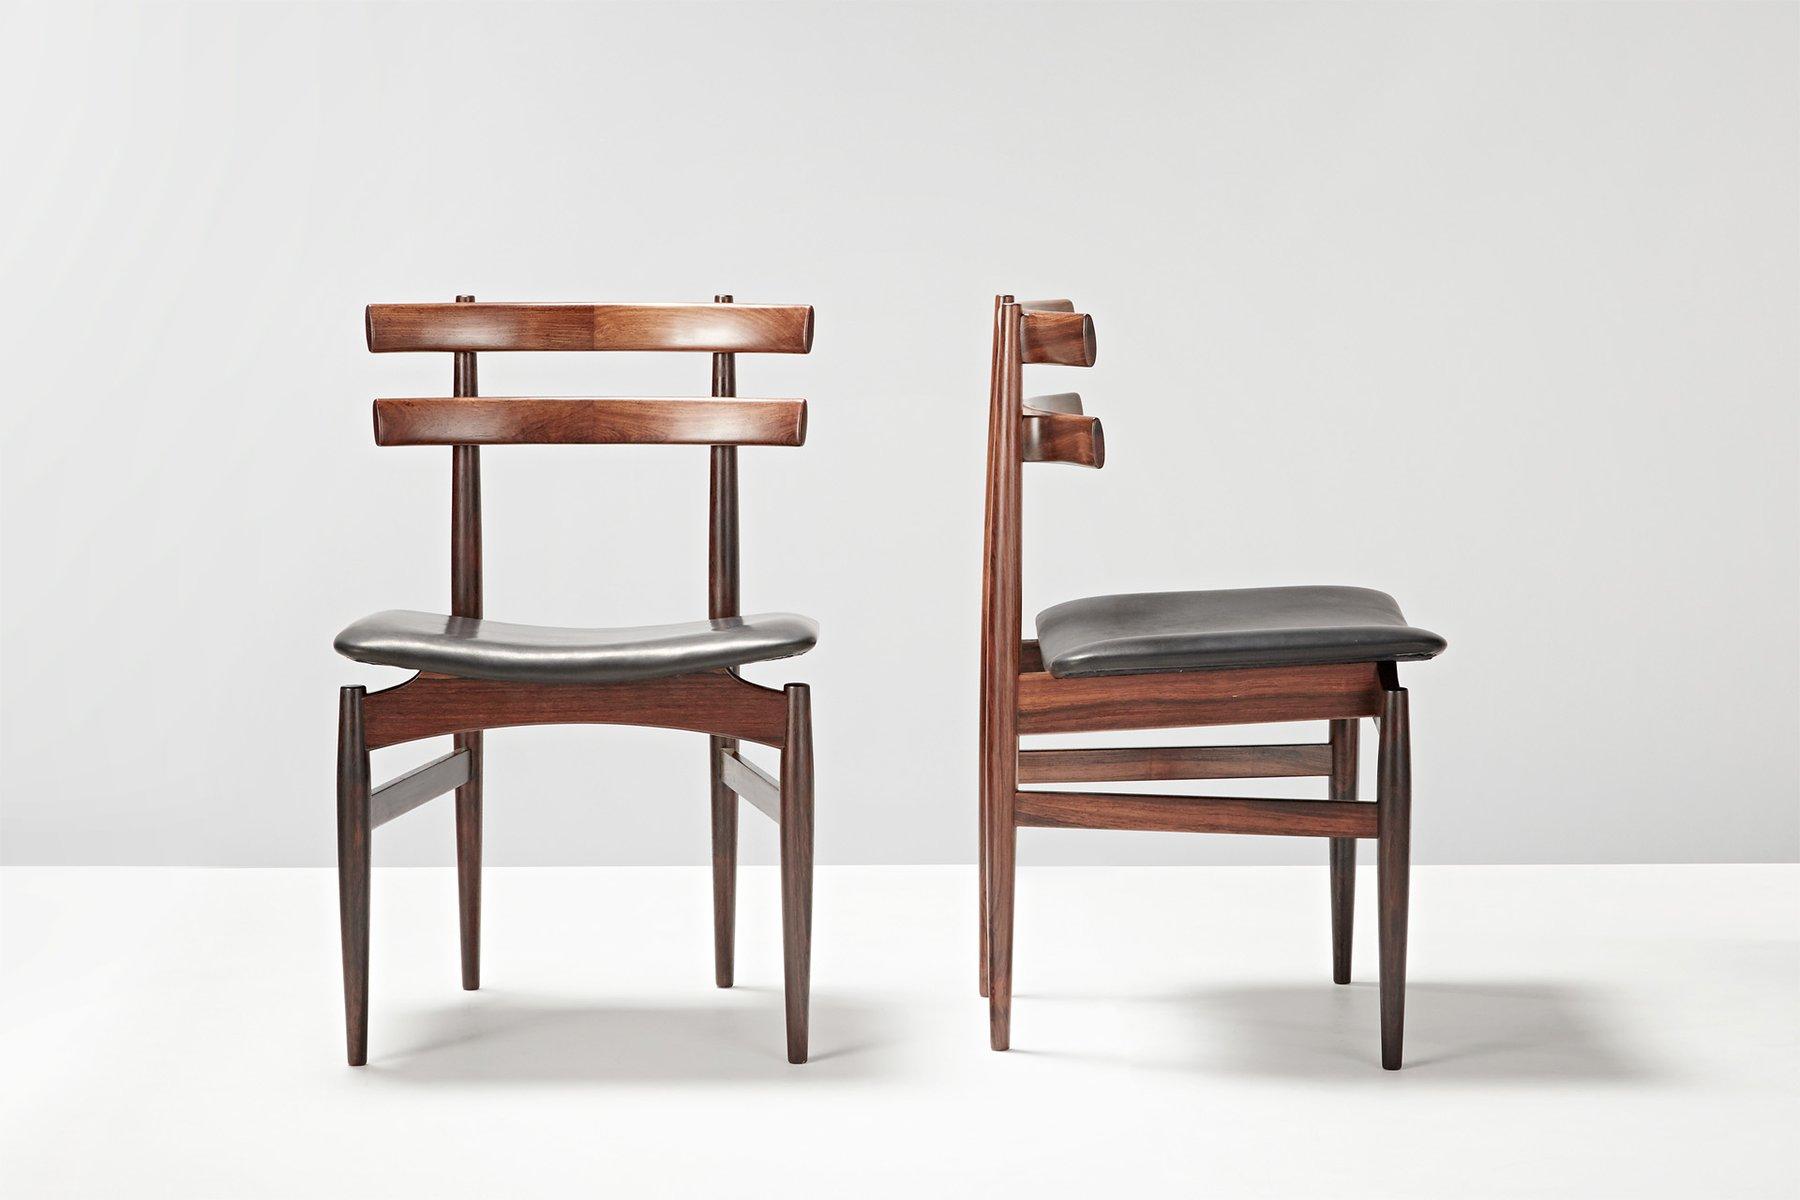 esszimmerst hle von poul hundevad 1958 6er set bei. Black Bedroom Furniture Sets. Home Design Ideas